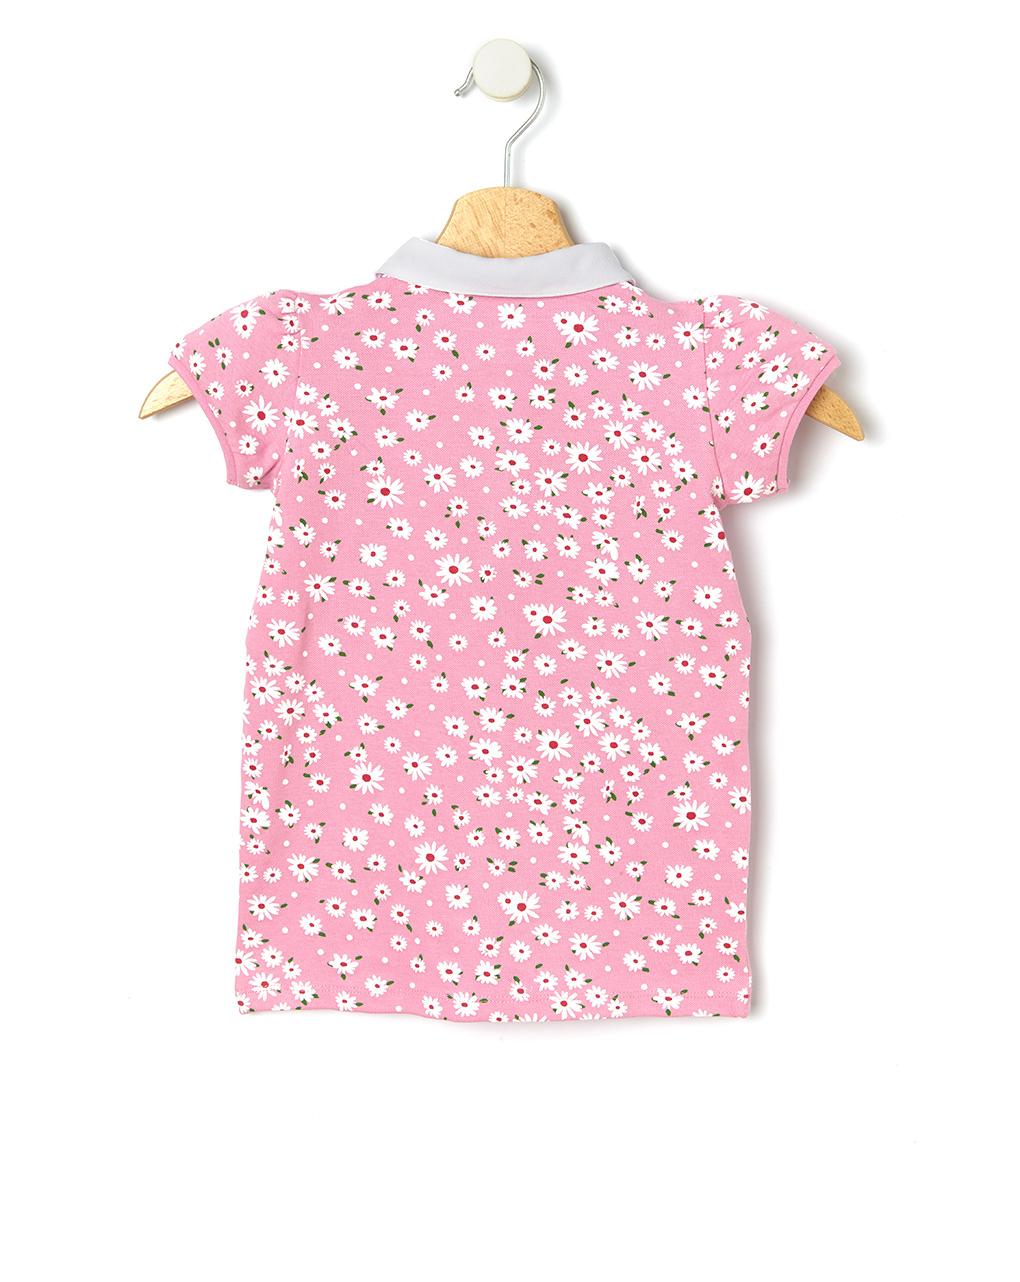 Camisa pólo com estampado de flores em toda a extensão - Prénatal